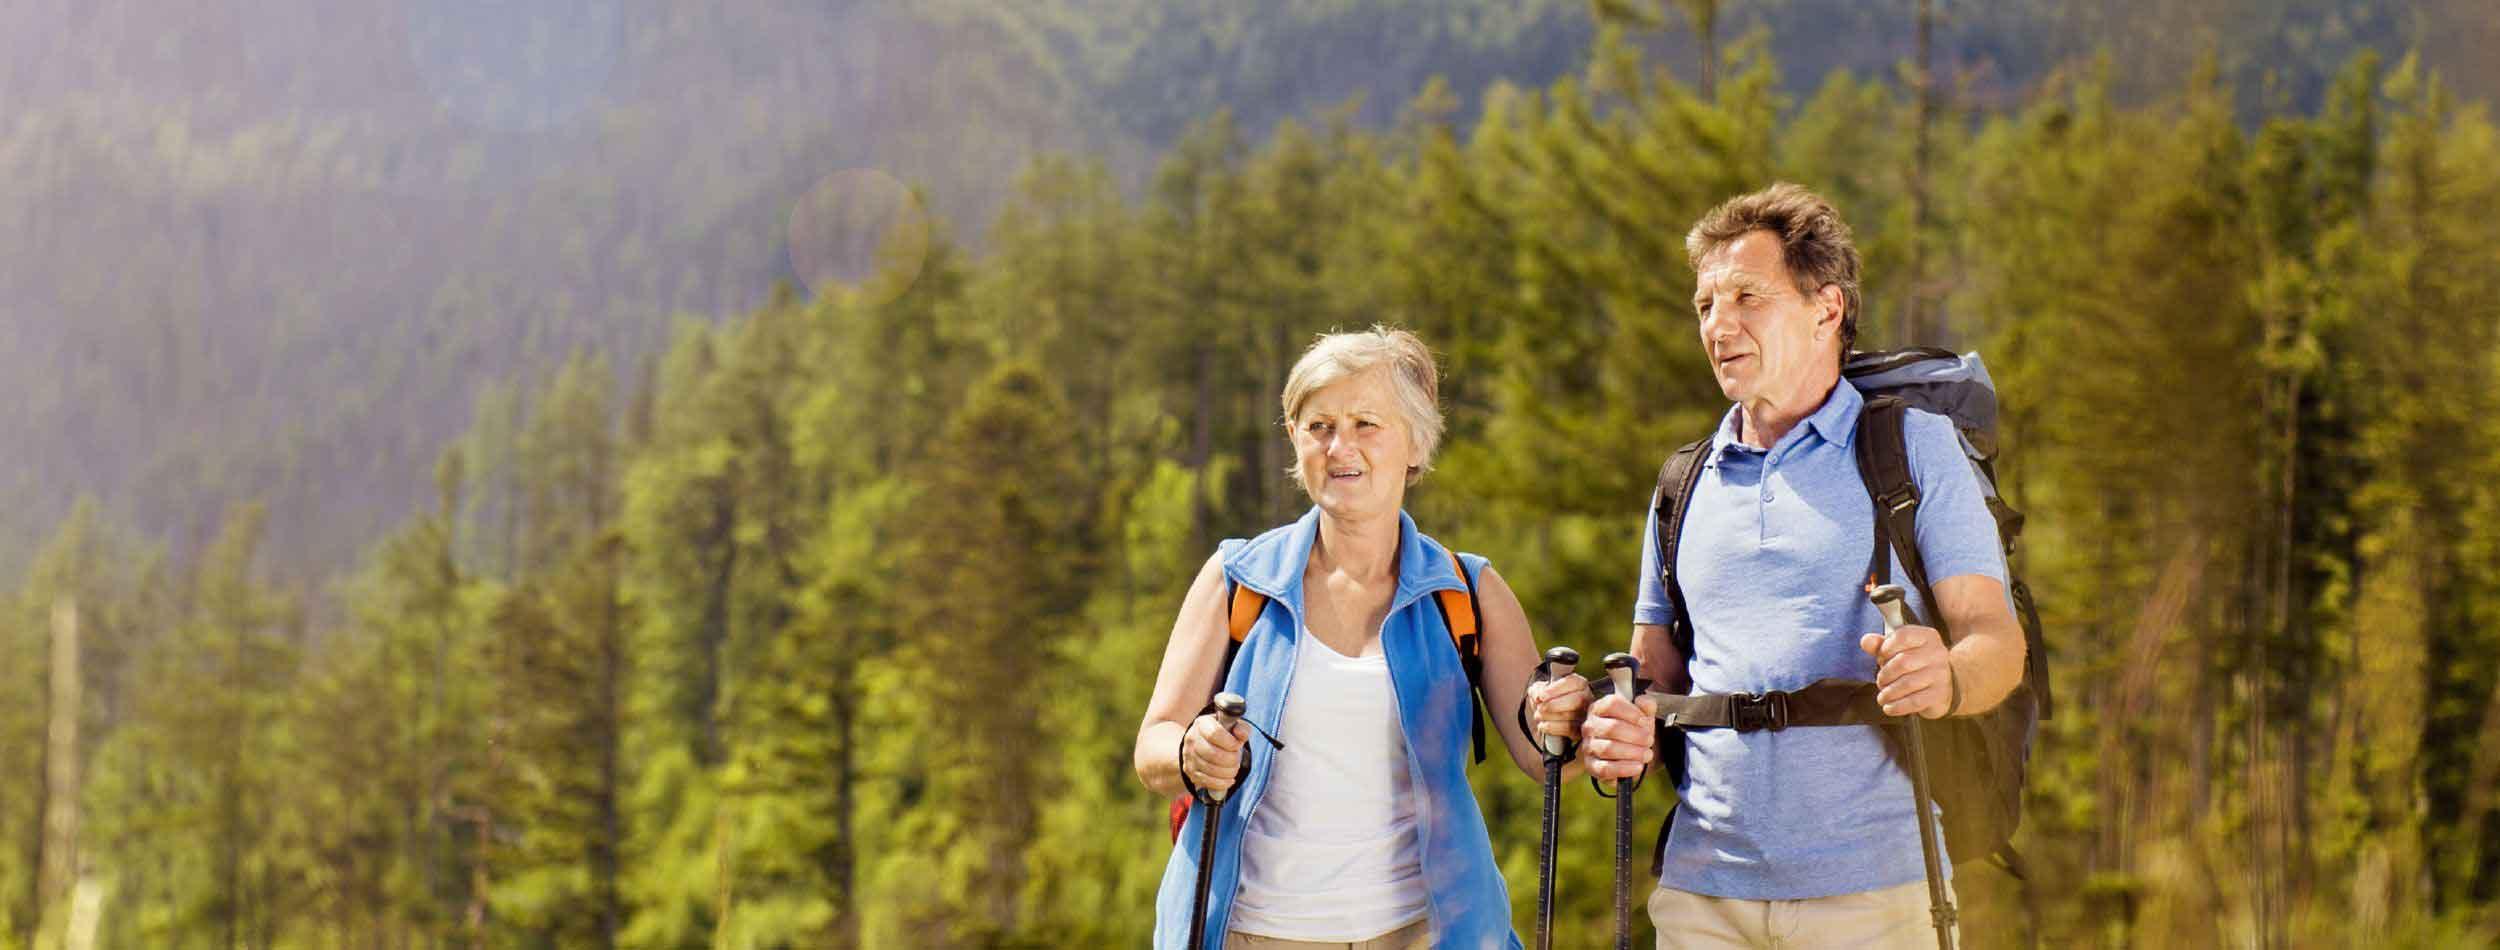 Ratgeber Herz-Kreislauf-Gesundheit